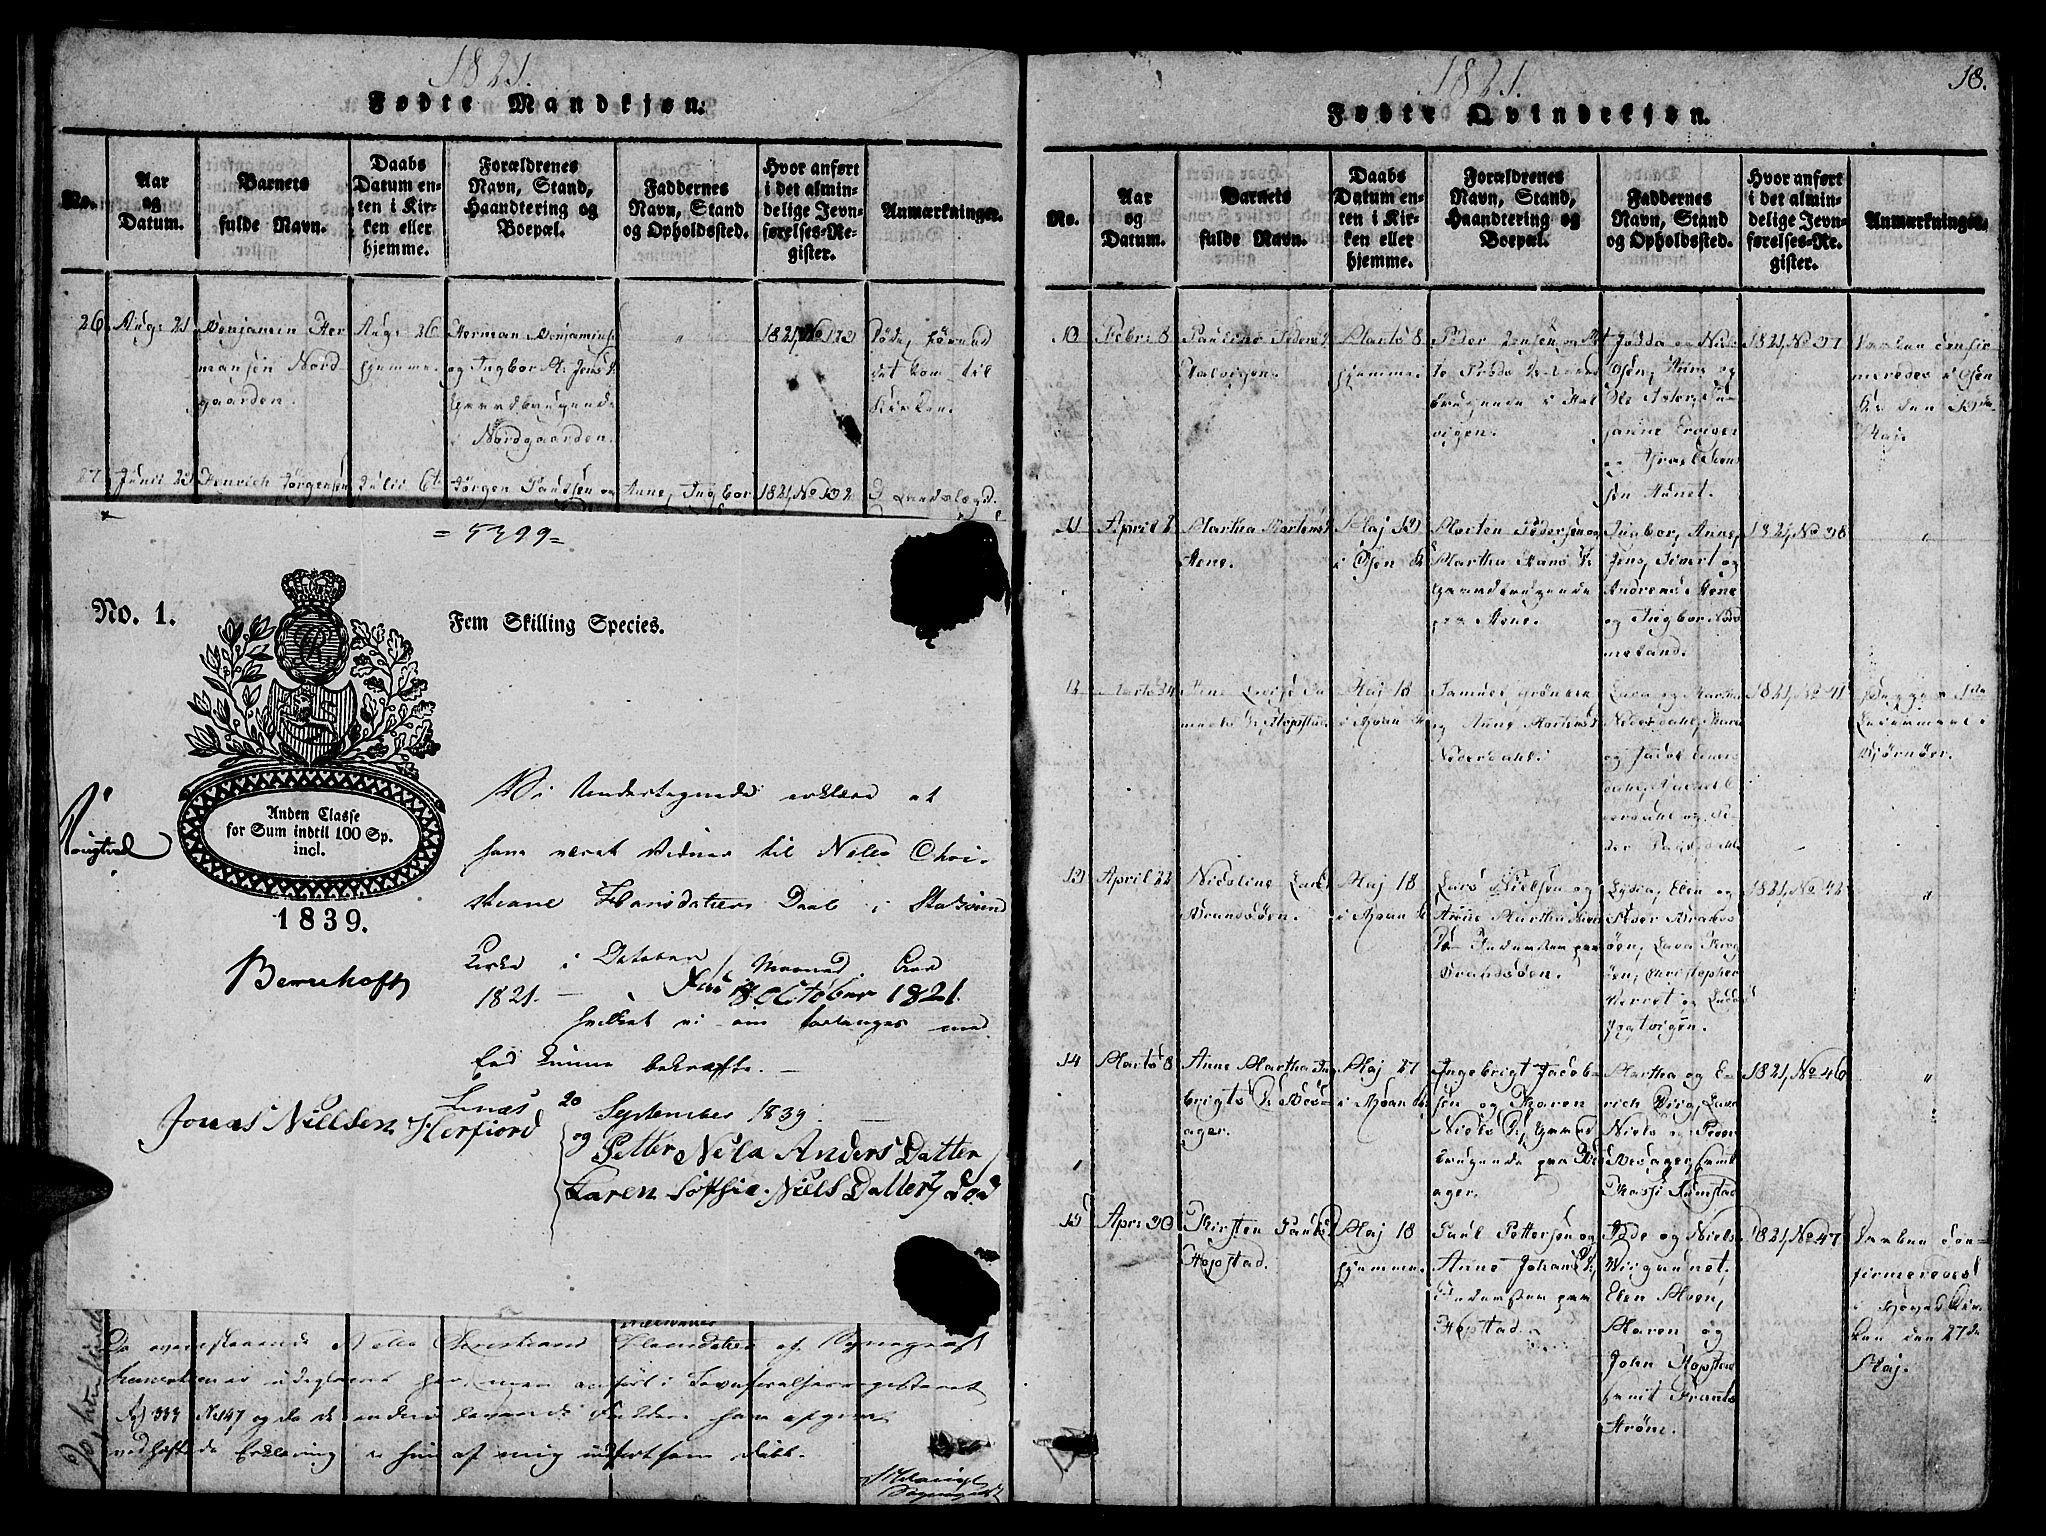 SAT, Ministerialprotokoller, klokkerbøker og fødselsregistre - Sør-Trøndelag, 657/L0702: Ministerialbok nr. 657A03, 1818-1831, s. 18